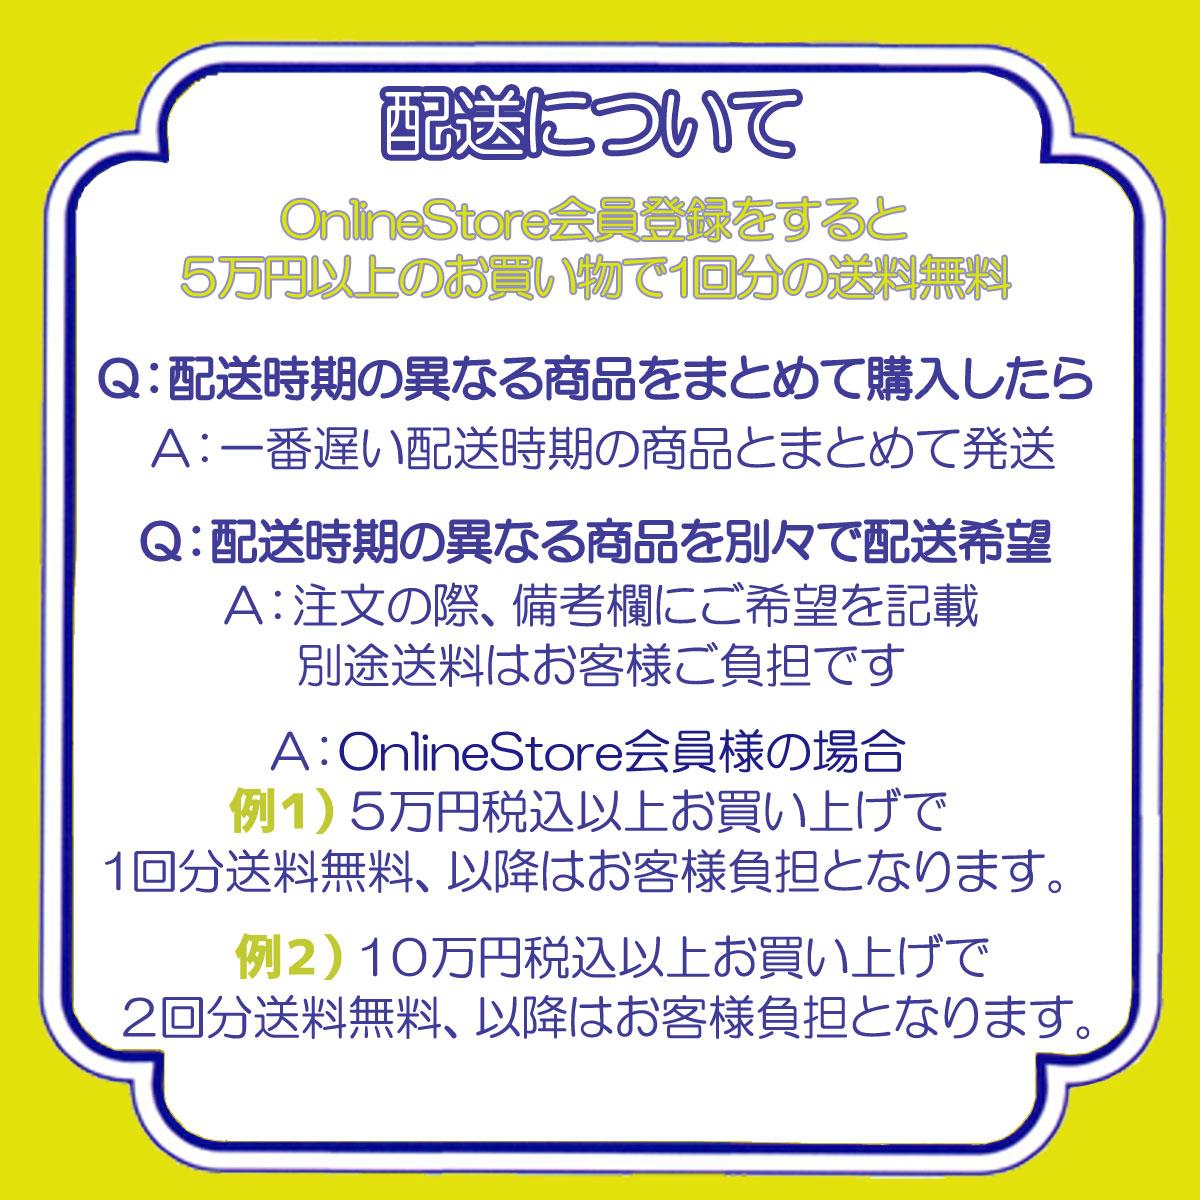 AIR草履 レディ*バタフライ黒 福林タイプ紫鼻緒 (S・M・Lサイズ)